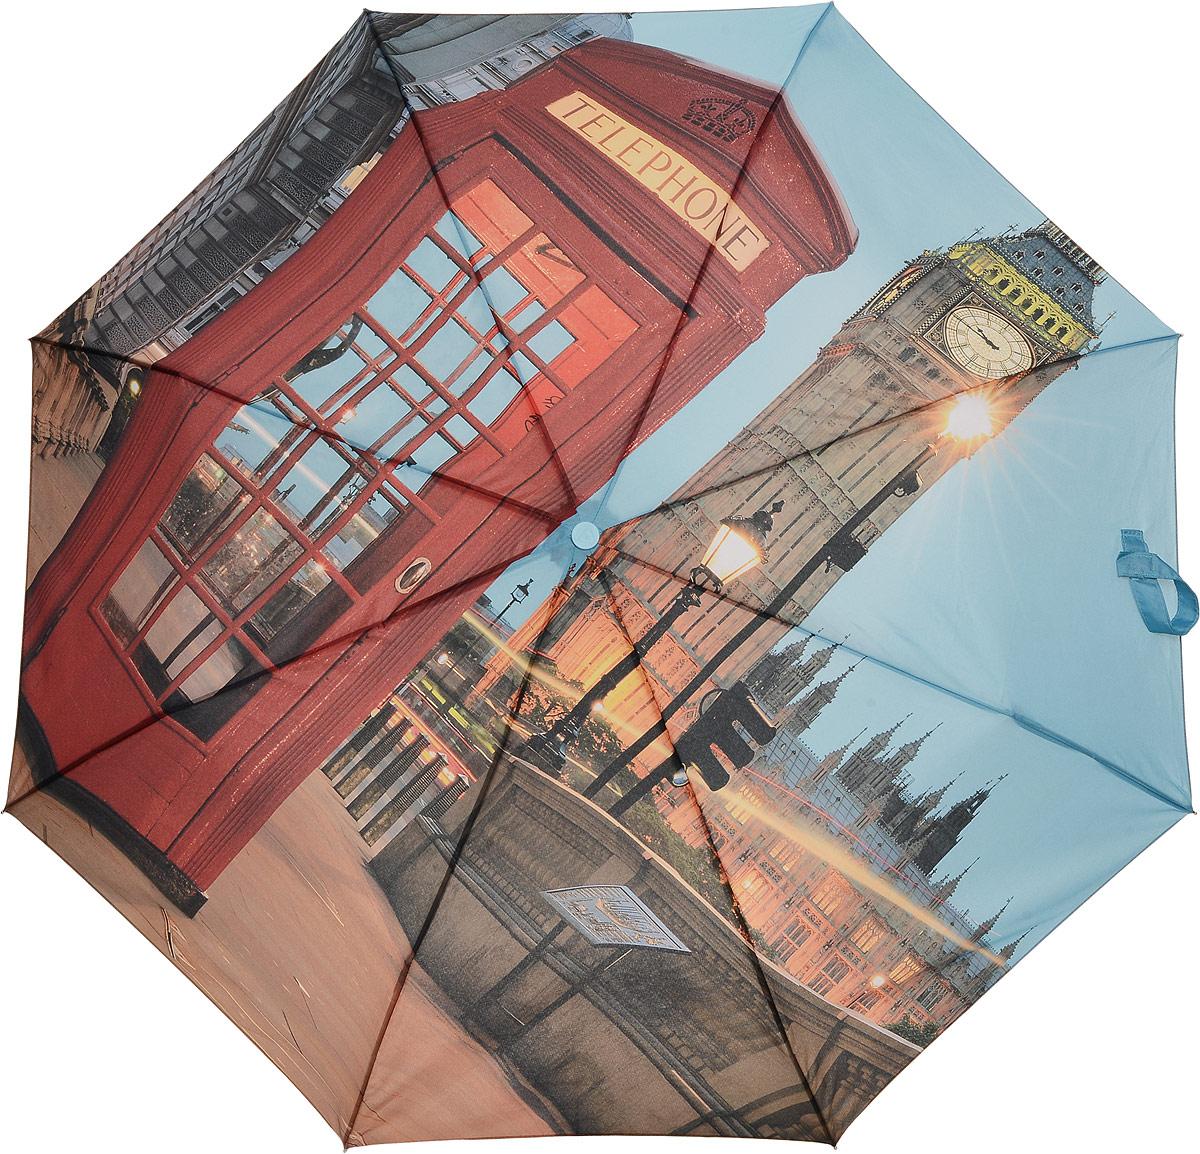 Зонт женский Fulton, механический, 3 сложения, цвет: мультиколор. L354-3348Колье (короткие одноярусные бусы)Стильный механический зонт Fulton имеет 3 сложения, даже в ненастную погоду позволит вам оставаться стильной. Легкий, но в тоже время прочный алюминиевый каркас состоит из восьми спиц с элементами из фибергласса. Купол зонта выполнен из прочного полиэстера с водоотталкивающей пропиткой. Рукоятка закругленной формы, разработанная с учетом требований эргономики, выполнена из каучука. Зонт имеет механический способ сложения: и купол, и стержень открываются и закрываются вручную до характерного щелчка.